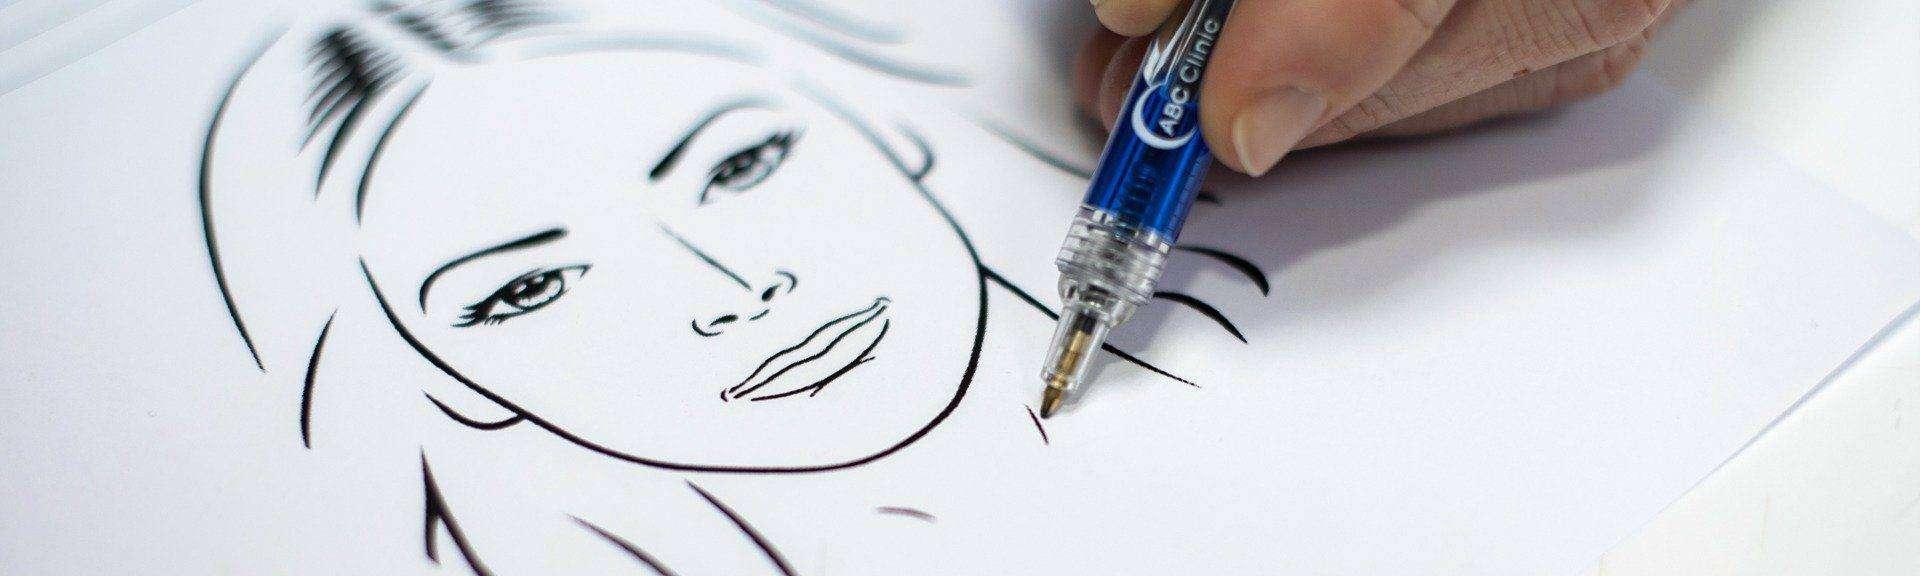 behandelingen - huidverbetering - hyperpigmentatie